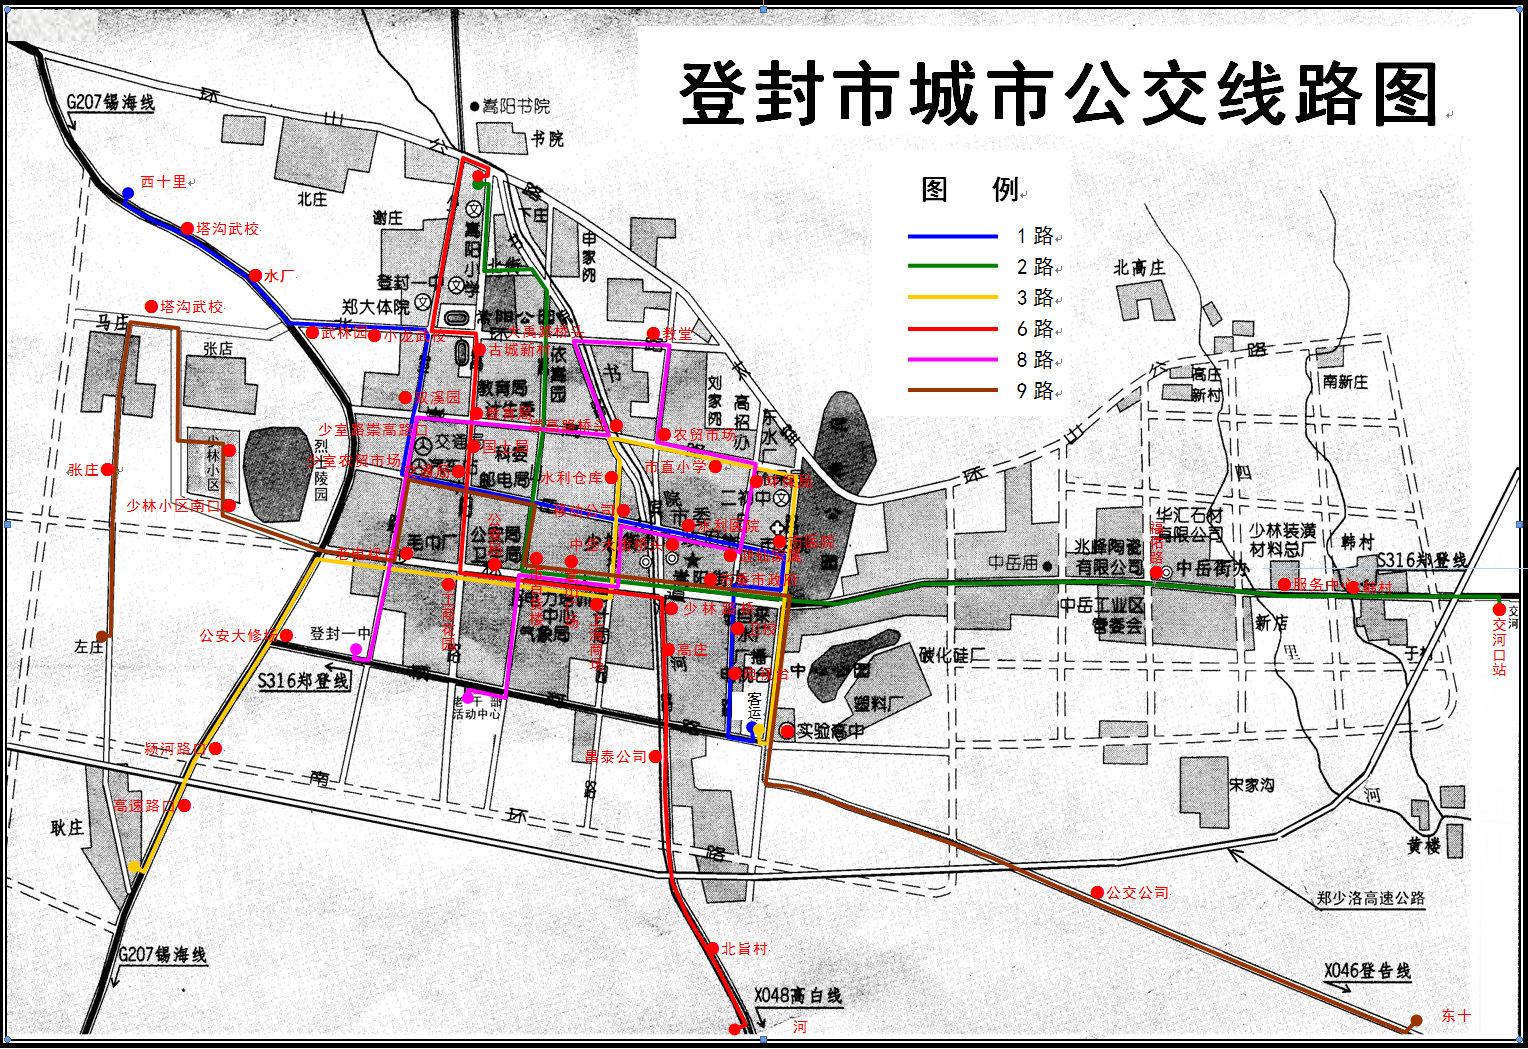 第4天 2015-06-21 去少林寺,从登封汽车站(西边的老站)坐中巴是最